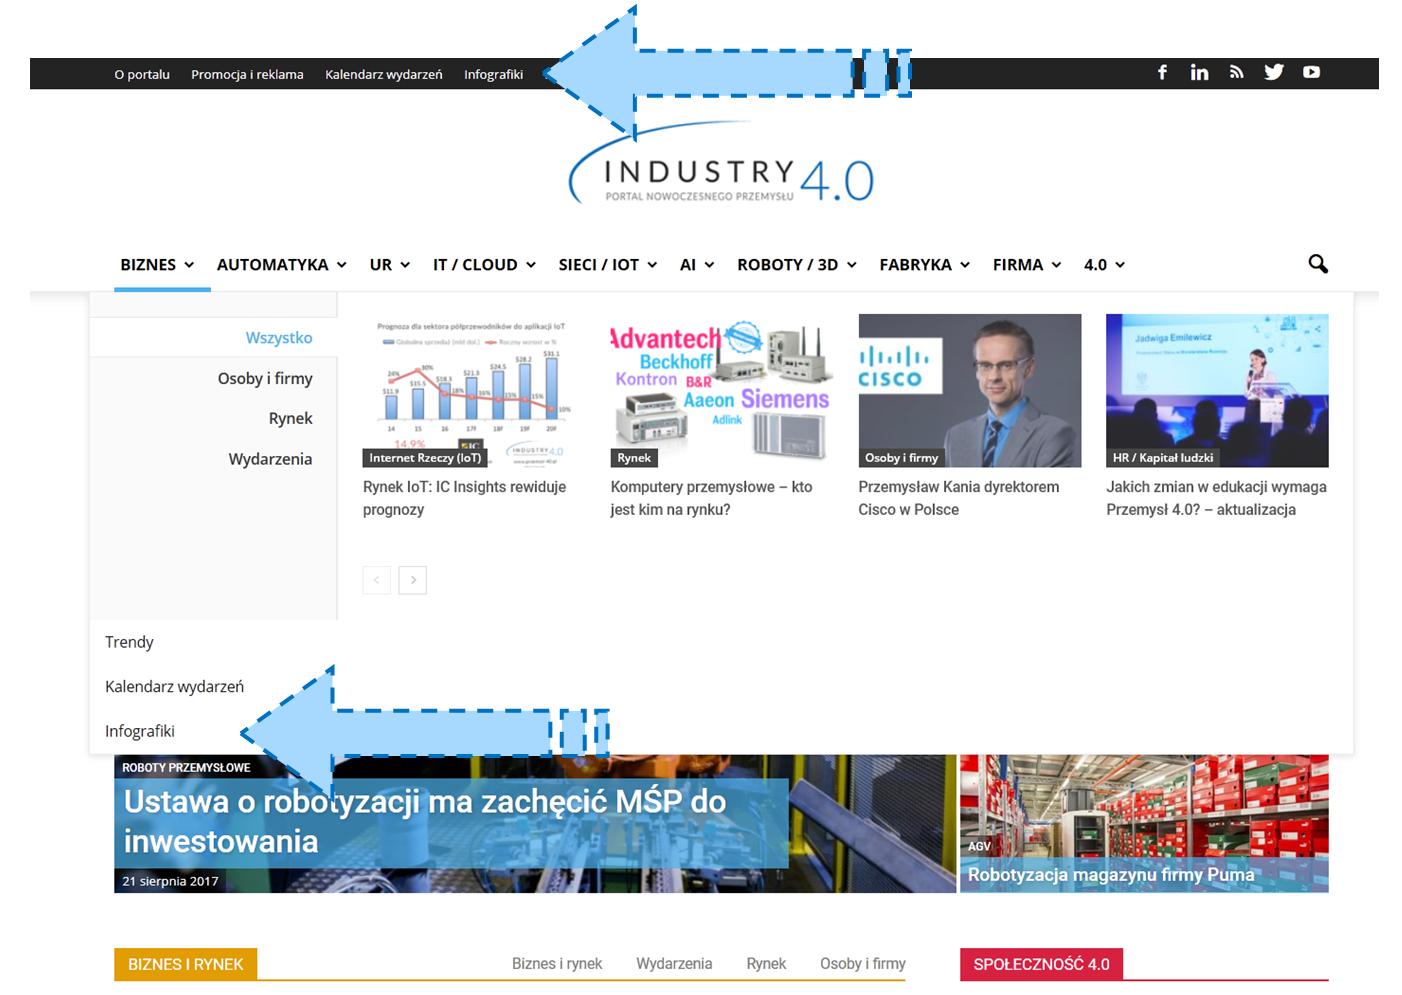 Infografiki przemysł